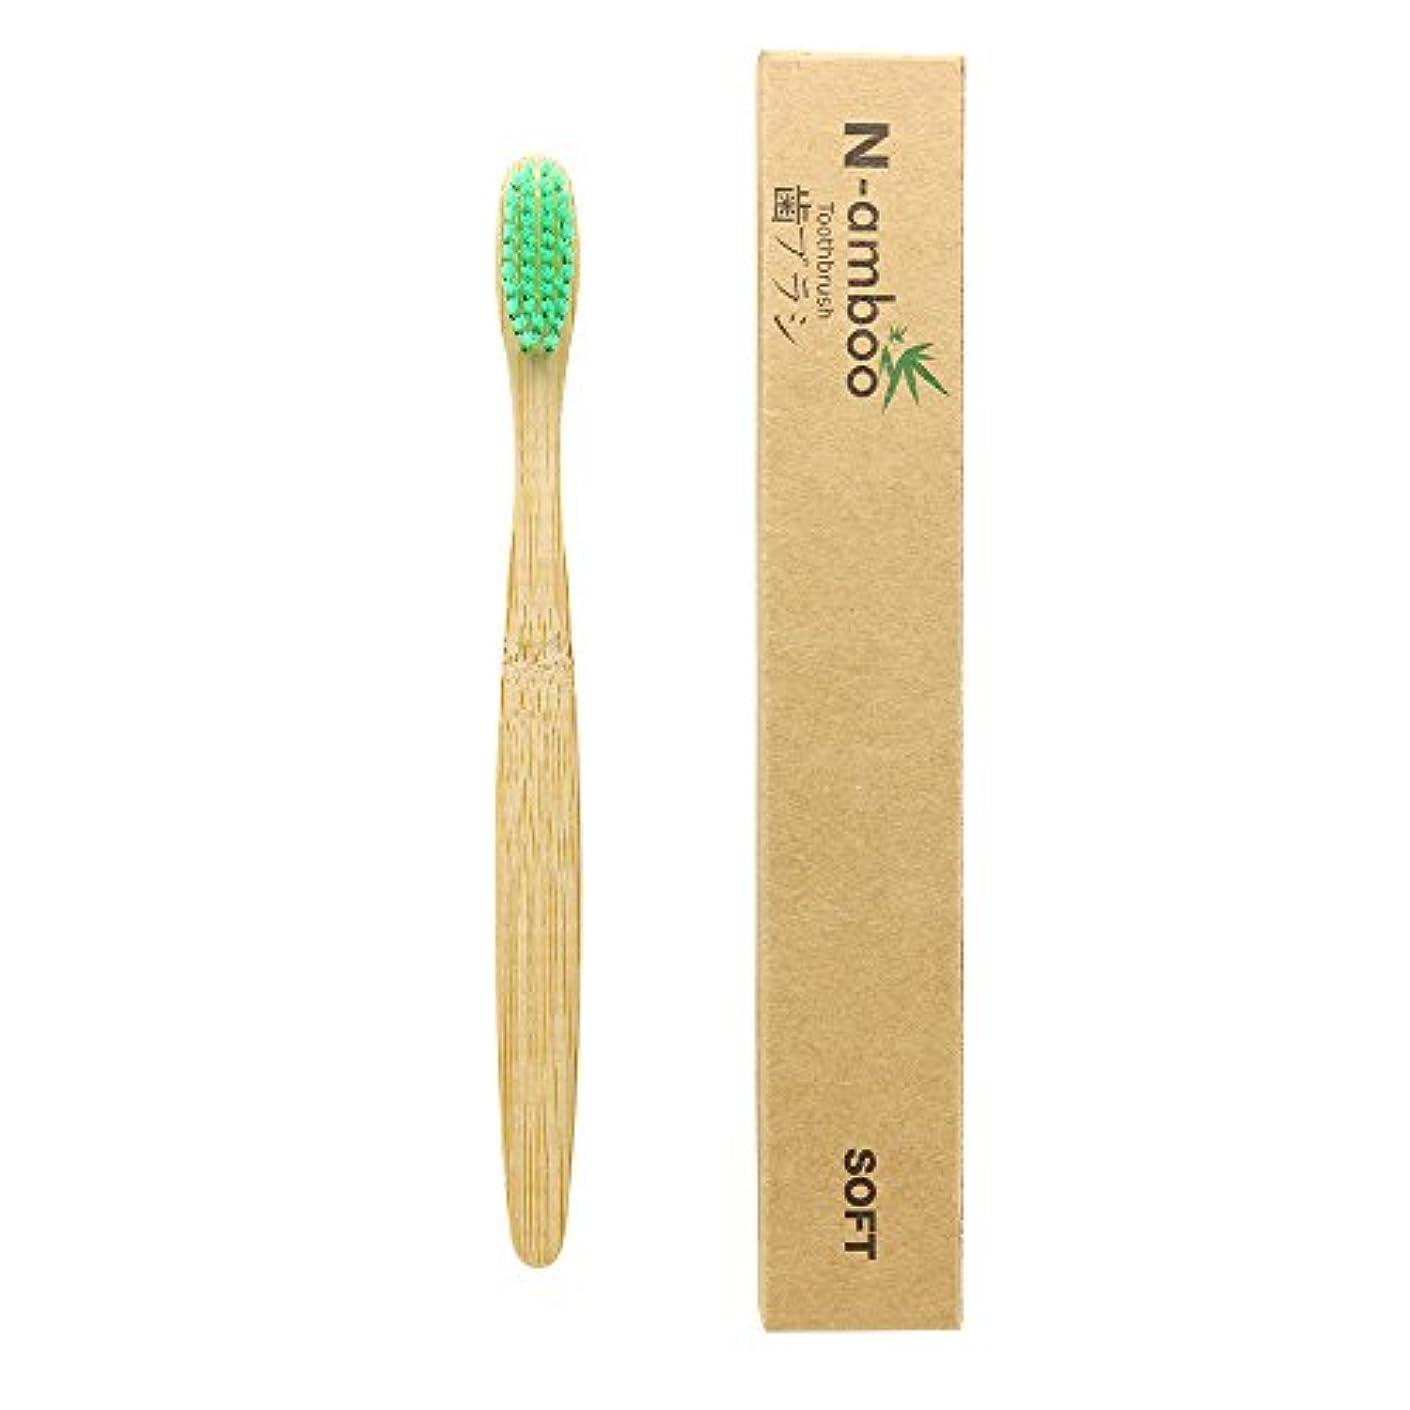 言い聞かせるセクション志すN-amboo 歯ブラシ 1本入り 竹製 高耐久性 緑 エコ